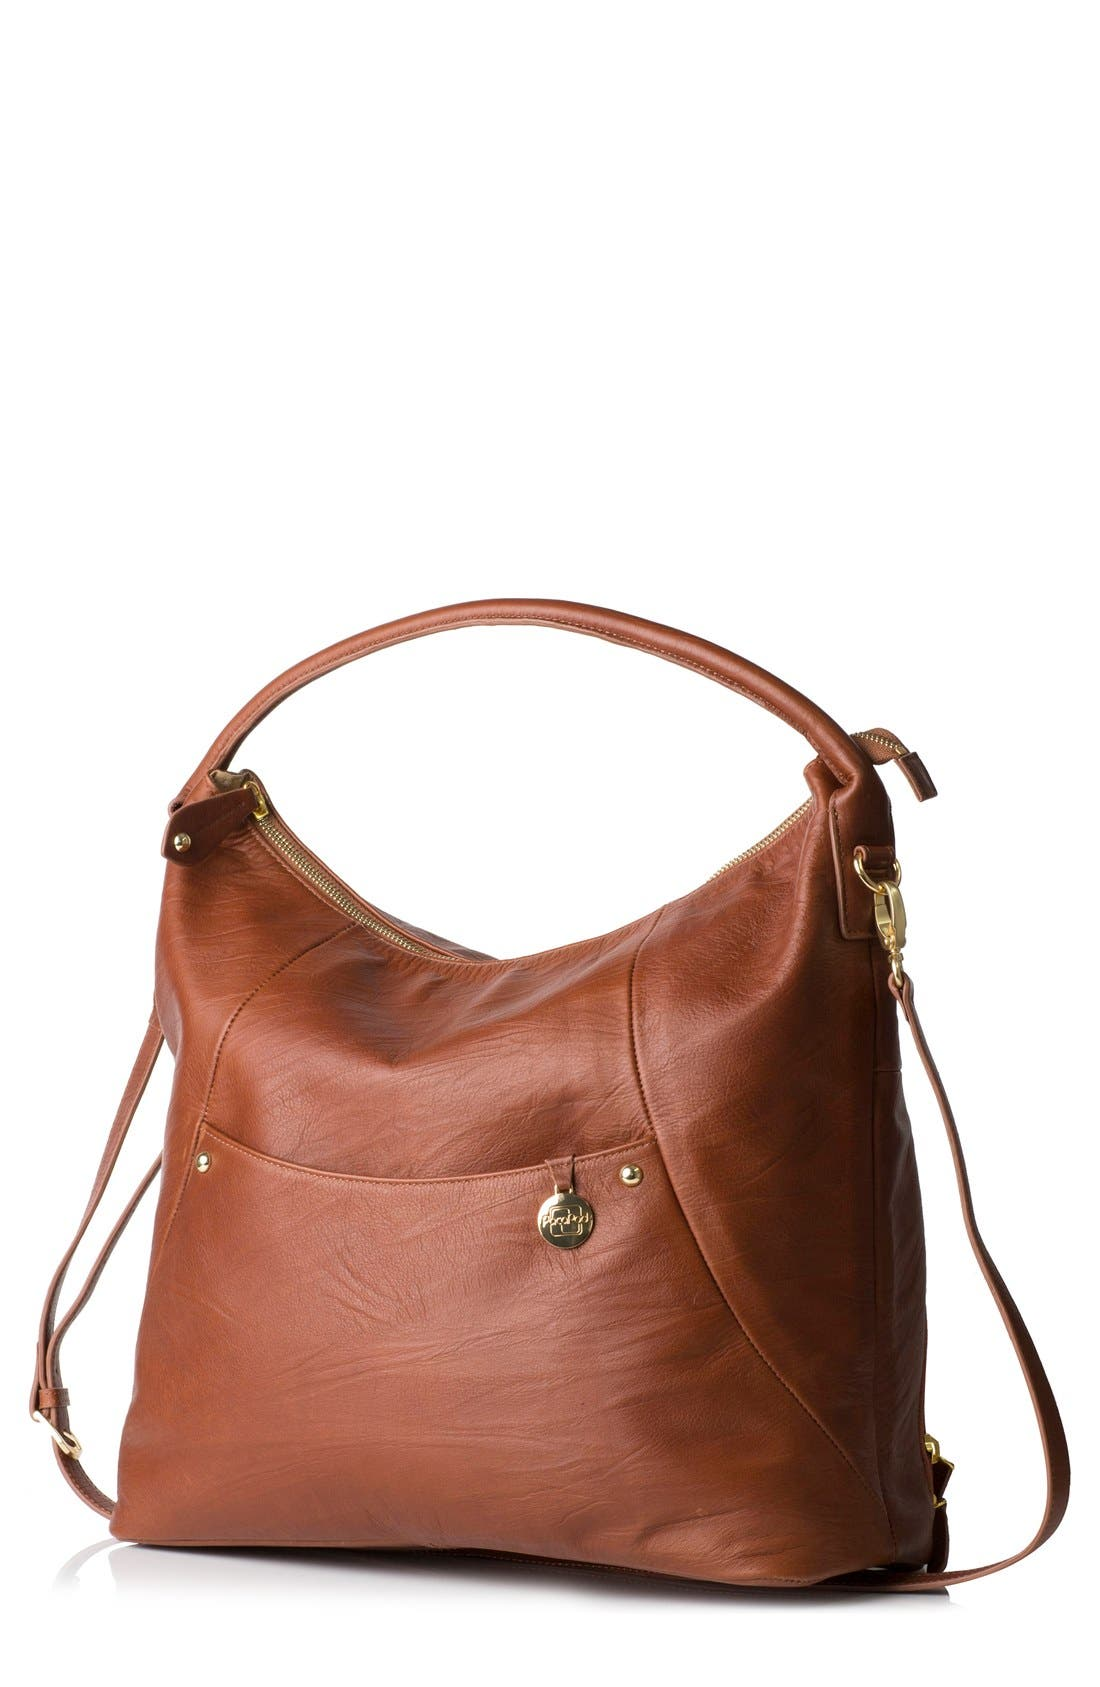 PacaPod 'Jasper' Leather Diaper Bag